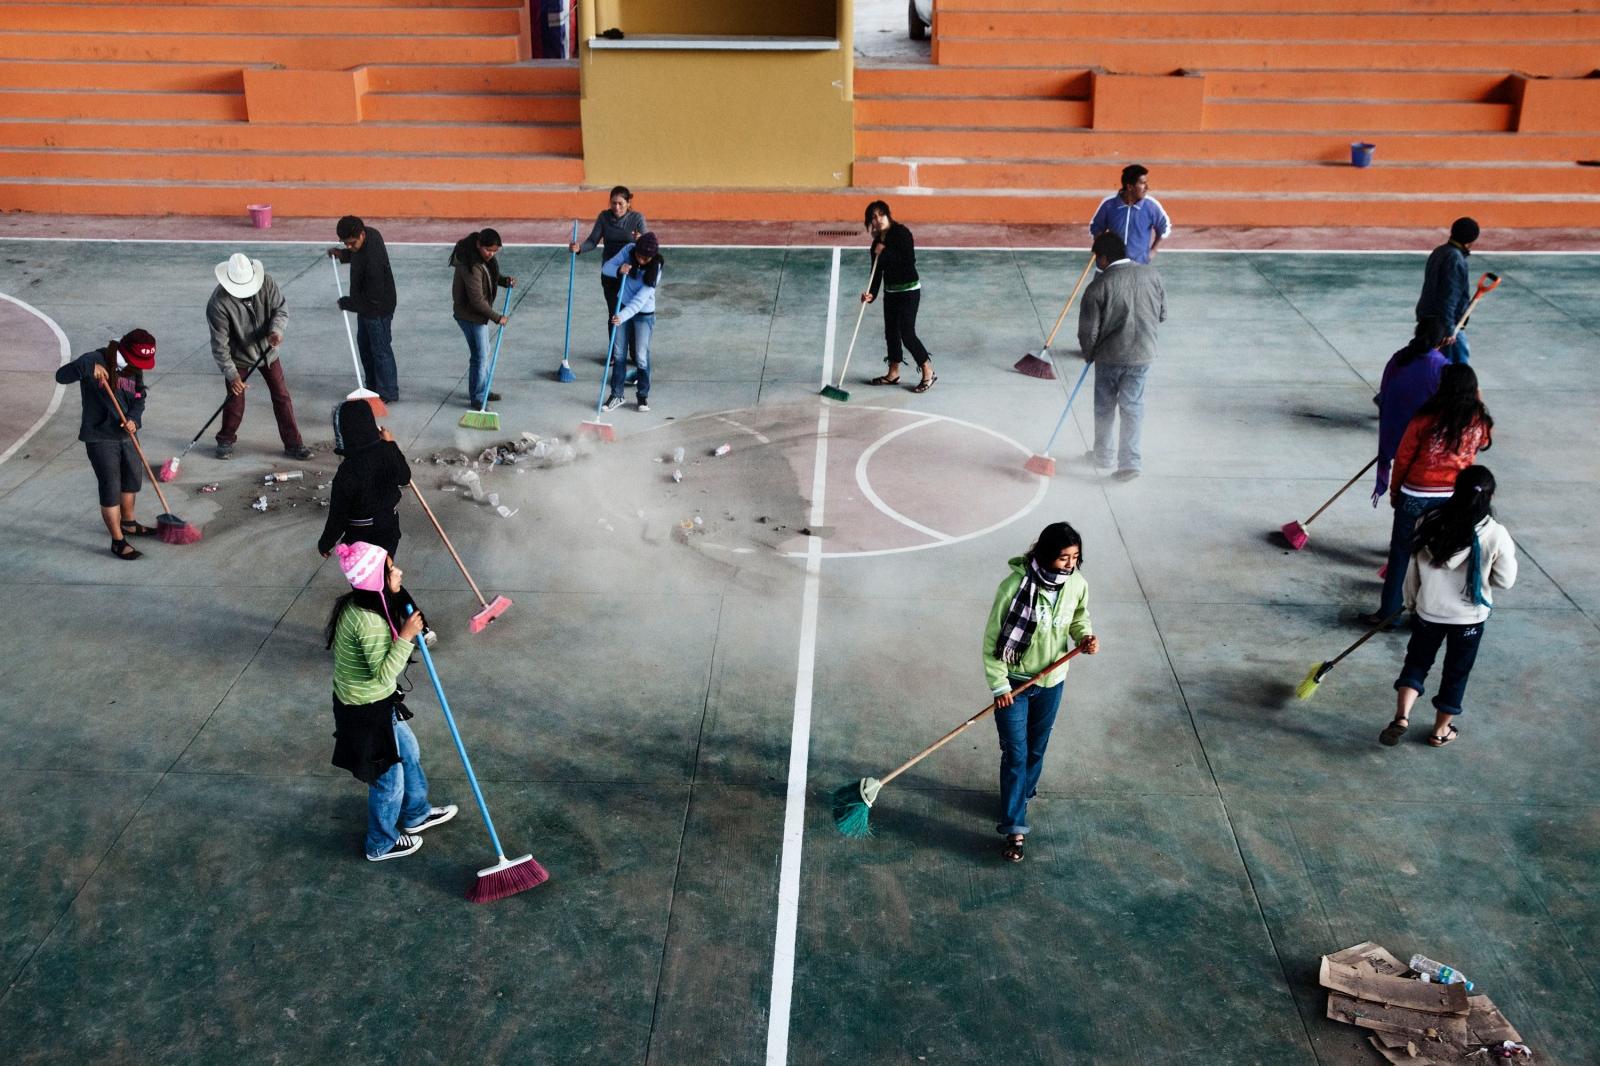 SANTA MARIA TLAHUITOLTEPEC, MAYO 19 DE 2012.- Pobladores de Tlahuitoltepec barren la cancha principal de la comunidad la preparan para la inauguración del torneo de básquetbol. En sesión de cabildo crean comisiones para organizar dicha justa deportiva, los comisionados son coordinadas por la regiduría de deporte.